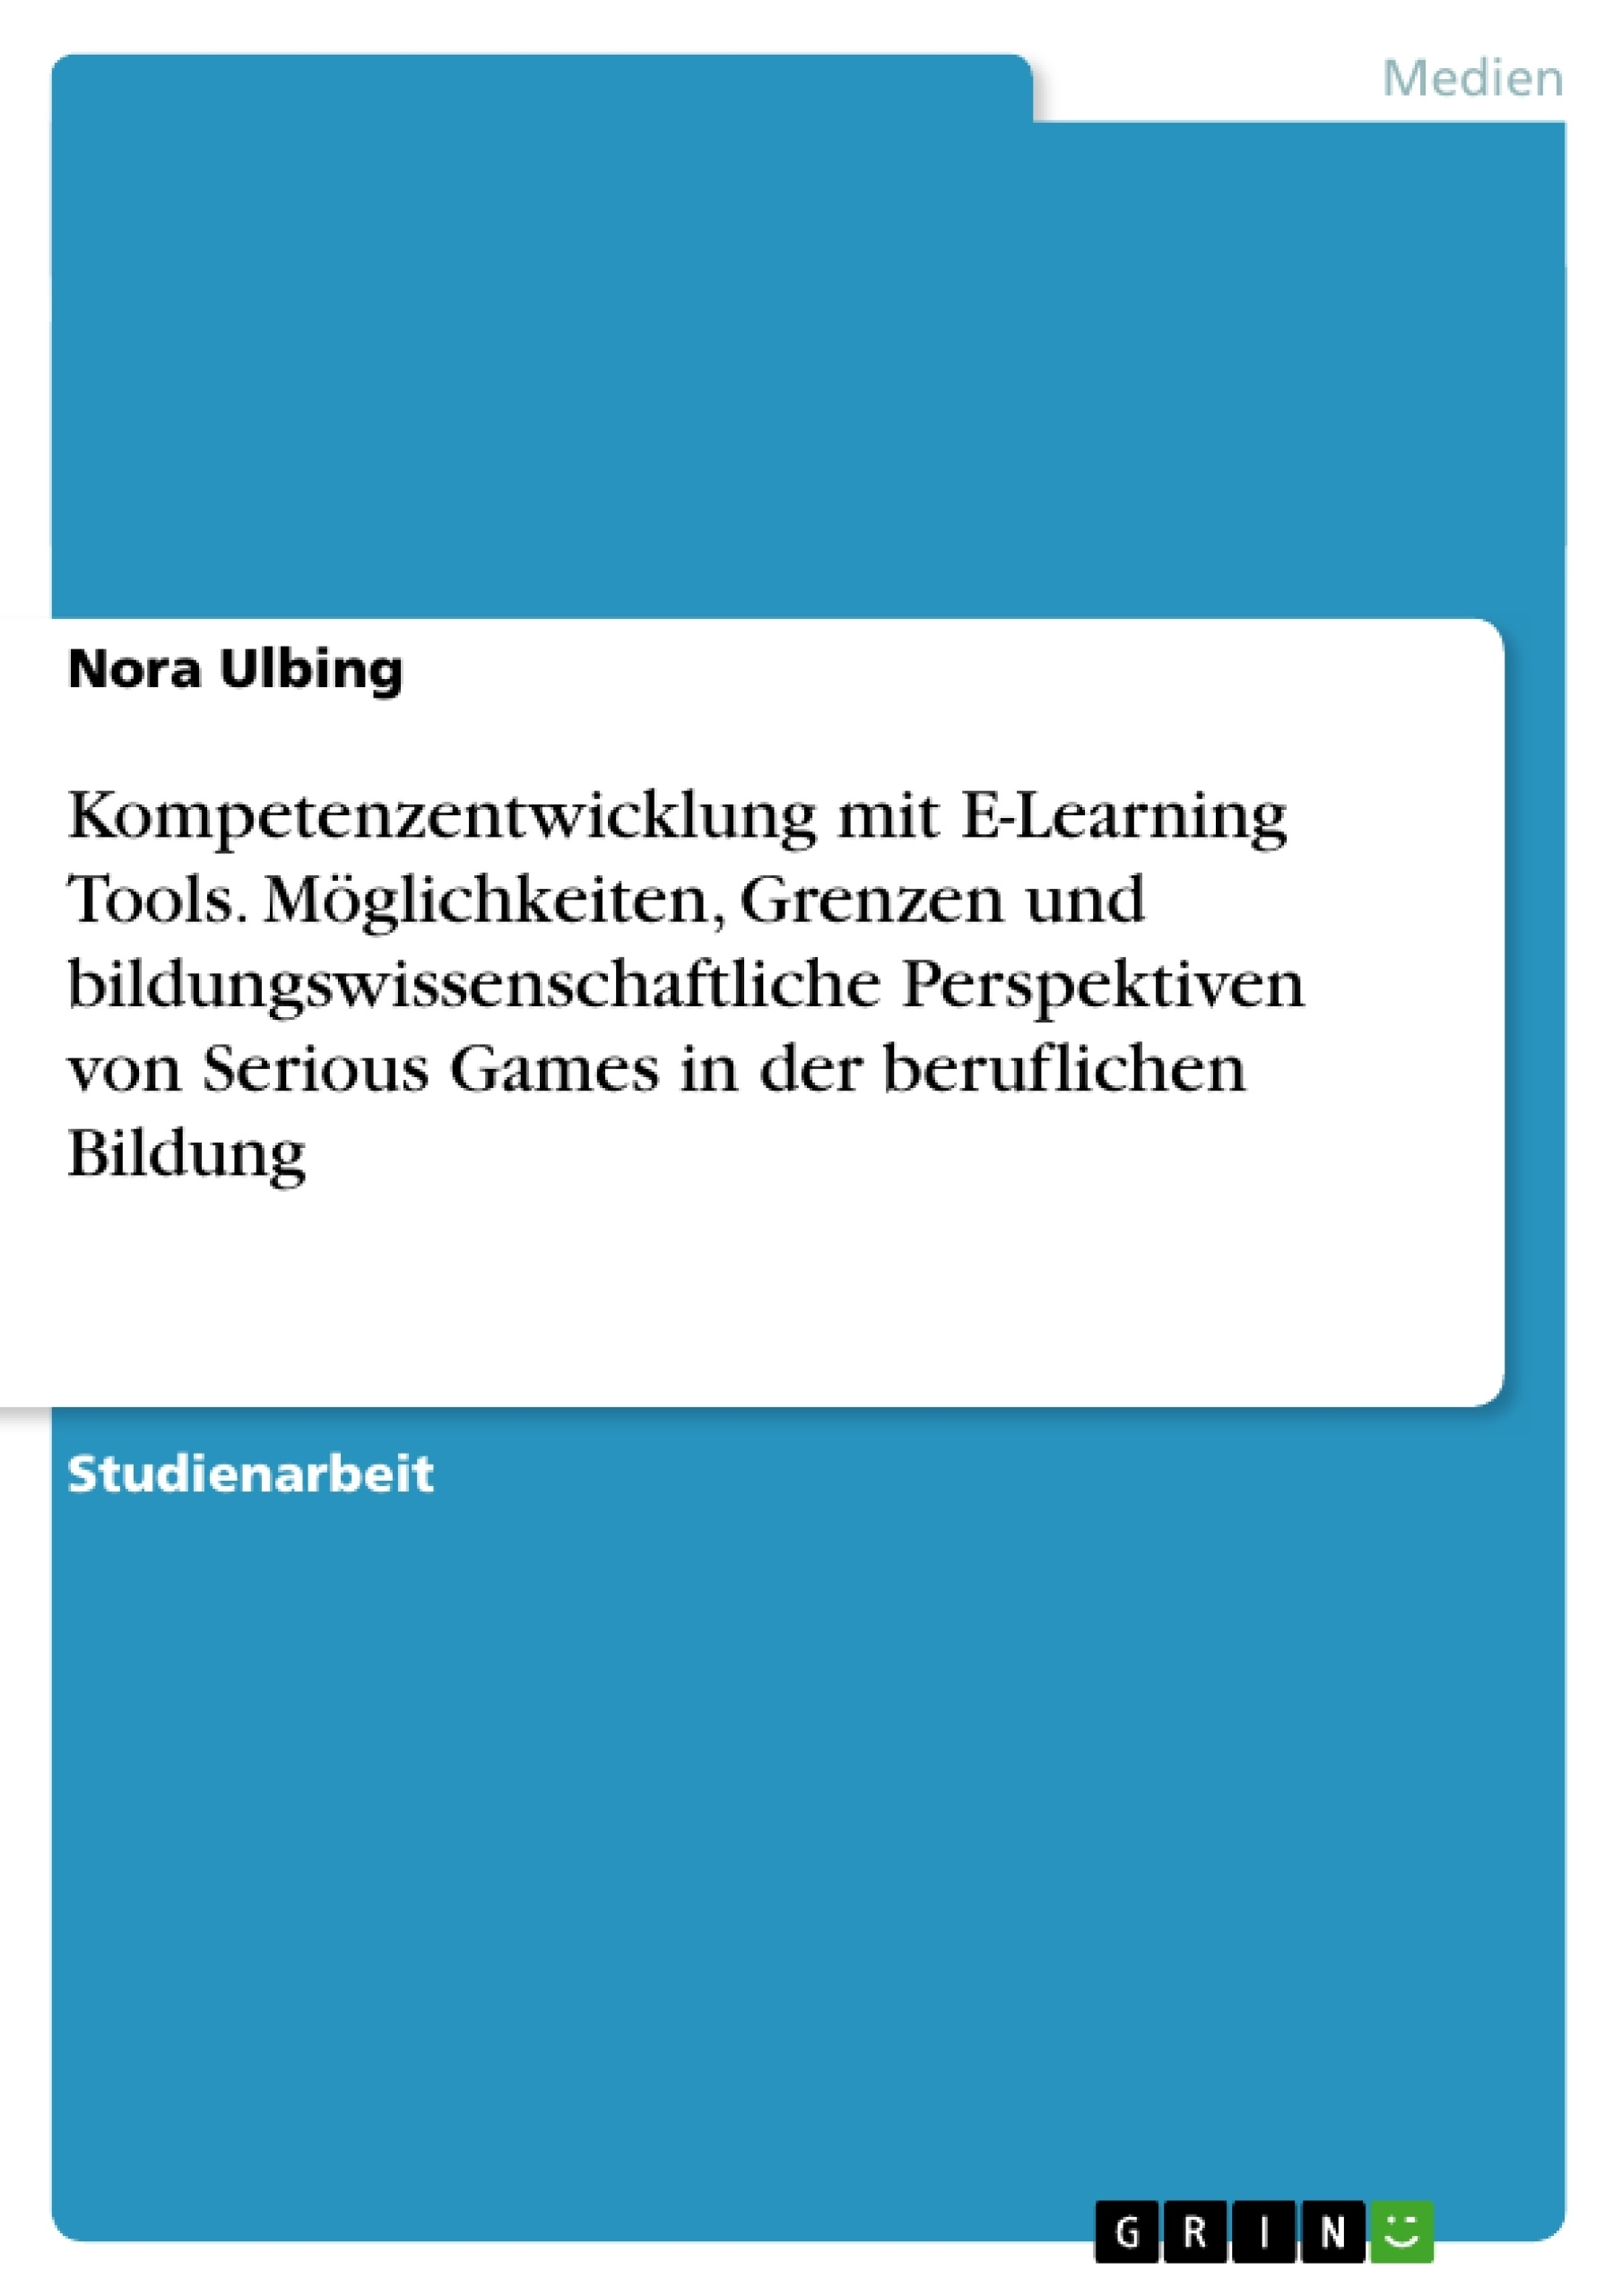 Titel: Kompetenzentwicklung mit E-Learning Tools. Möglichkeiten, Grenzen und bildungswissenschaftliche Perspektiven von Serious Games in der beruflichen Bildung